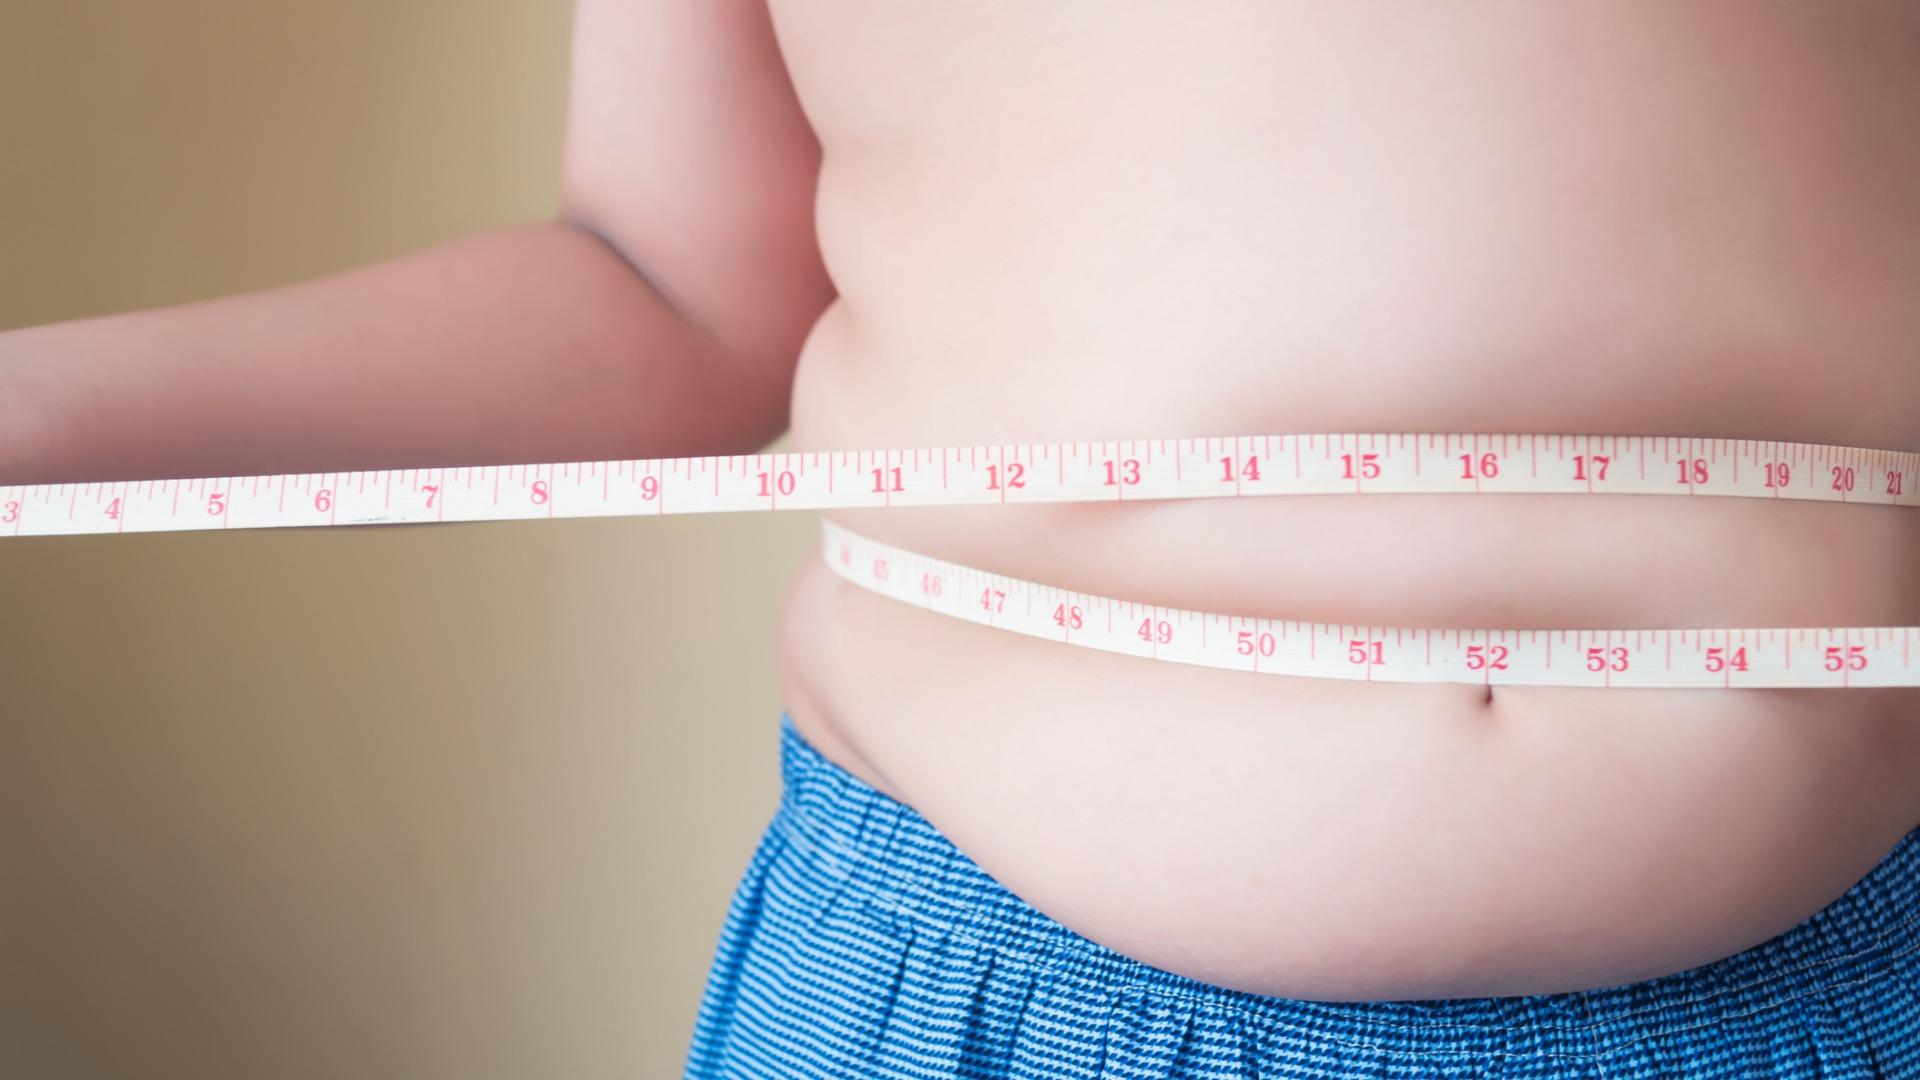 Como bajar de peso en una semana 10 kilos para adolecentes orquesta